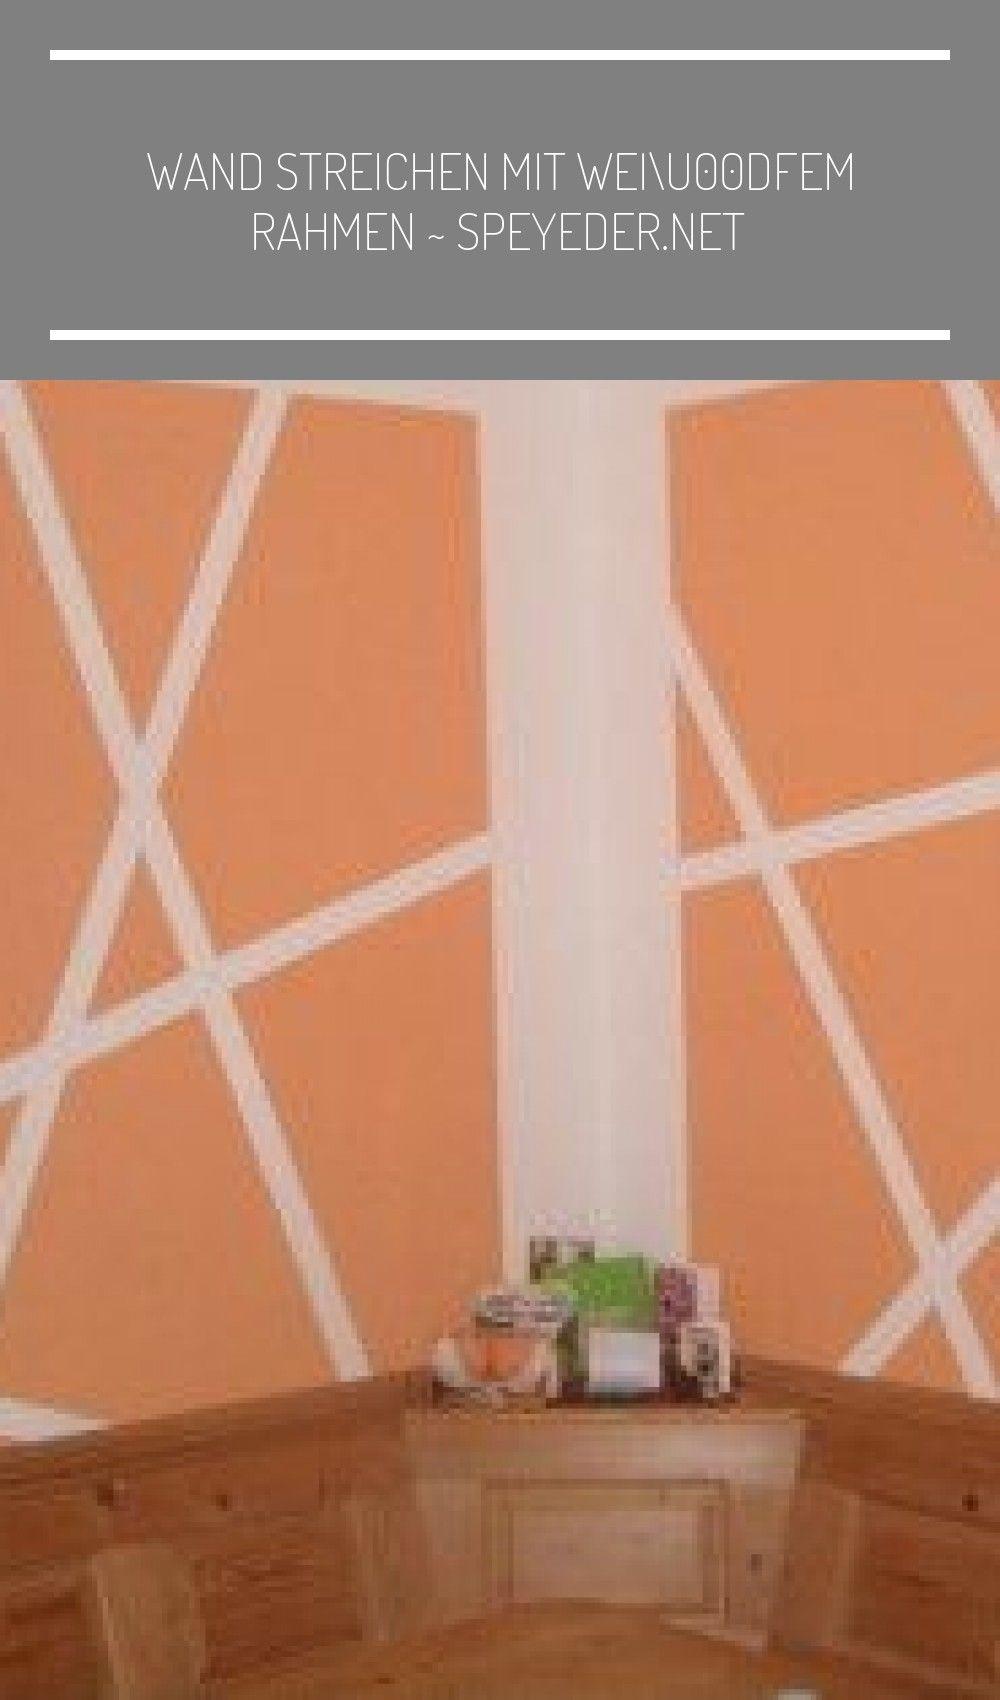 Wand Streichen Ideen Muster Sch U00f6nsten Ideen Zum Streichen Renovierung Haus Ideen Flur Wand Streichen Mit Wei In 2020 Home Decor Decals Home Decor Home Economics